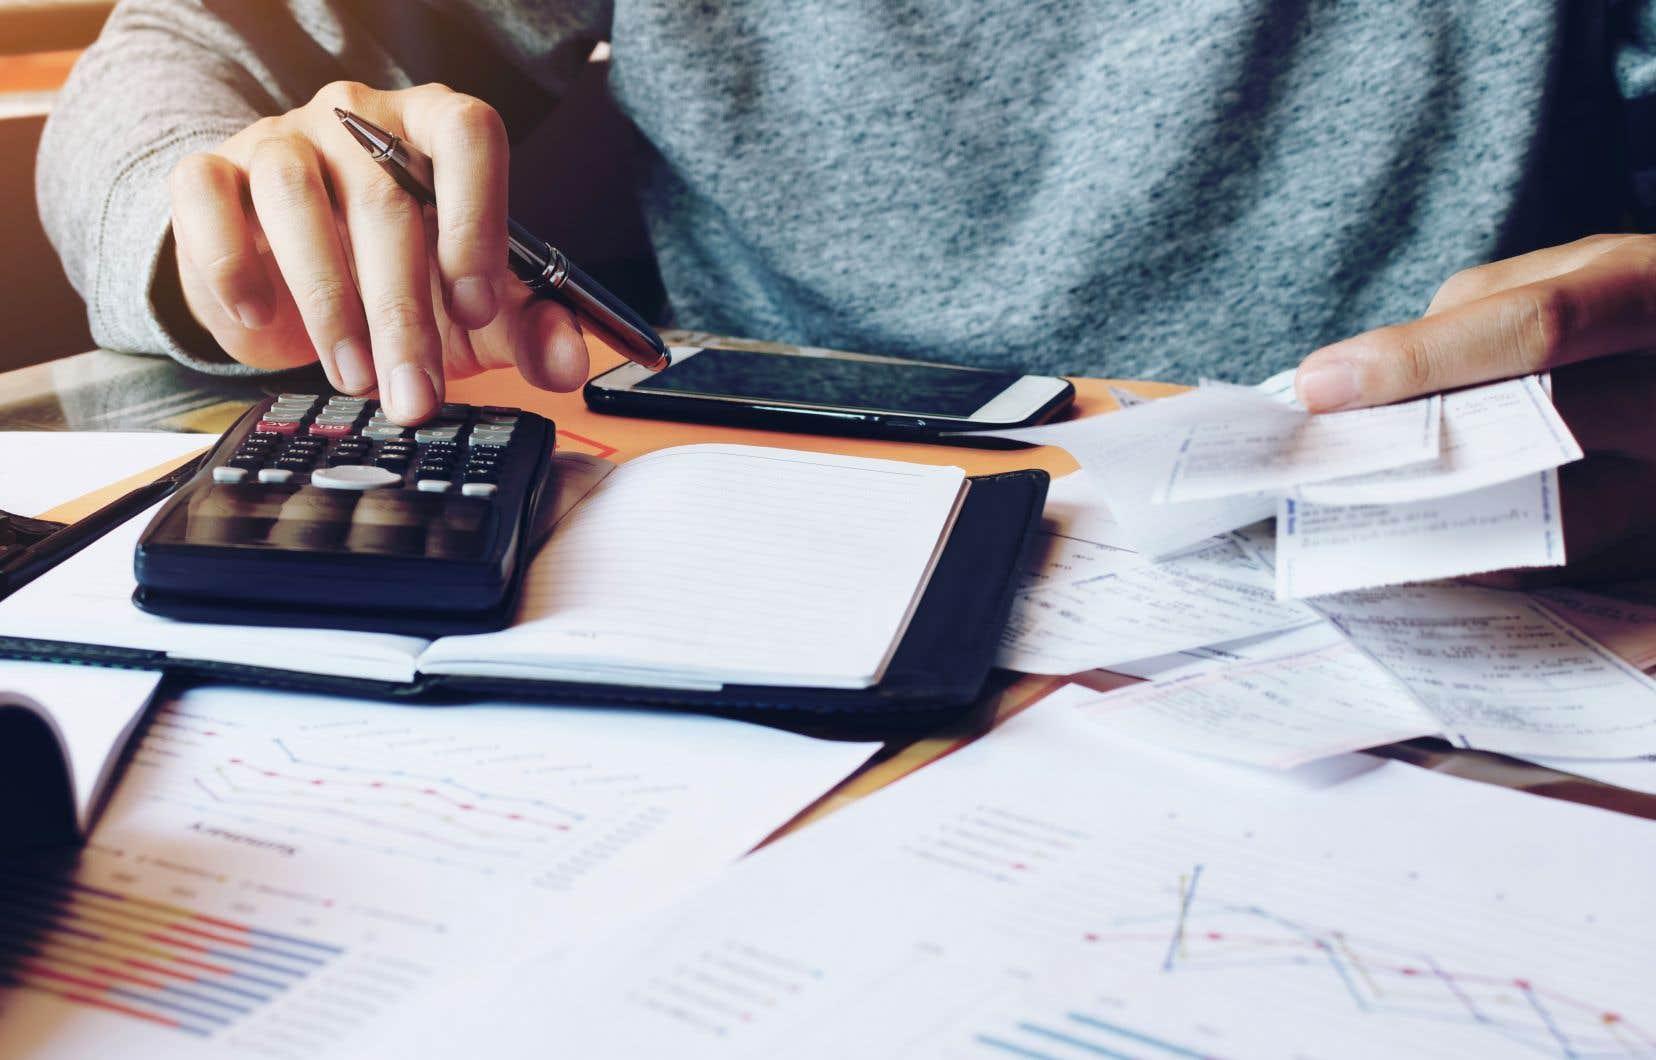 L'Institut de recherche sur l'autodétermination des peuples et les indépendances nationales (IRAI)estime qu'une déclaration de revenus unique gérée par le Québec permettrait d'économiser des centaines de millions de dollars par an.